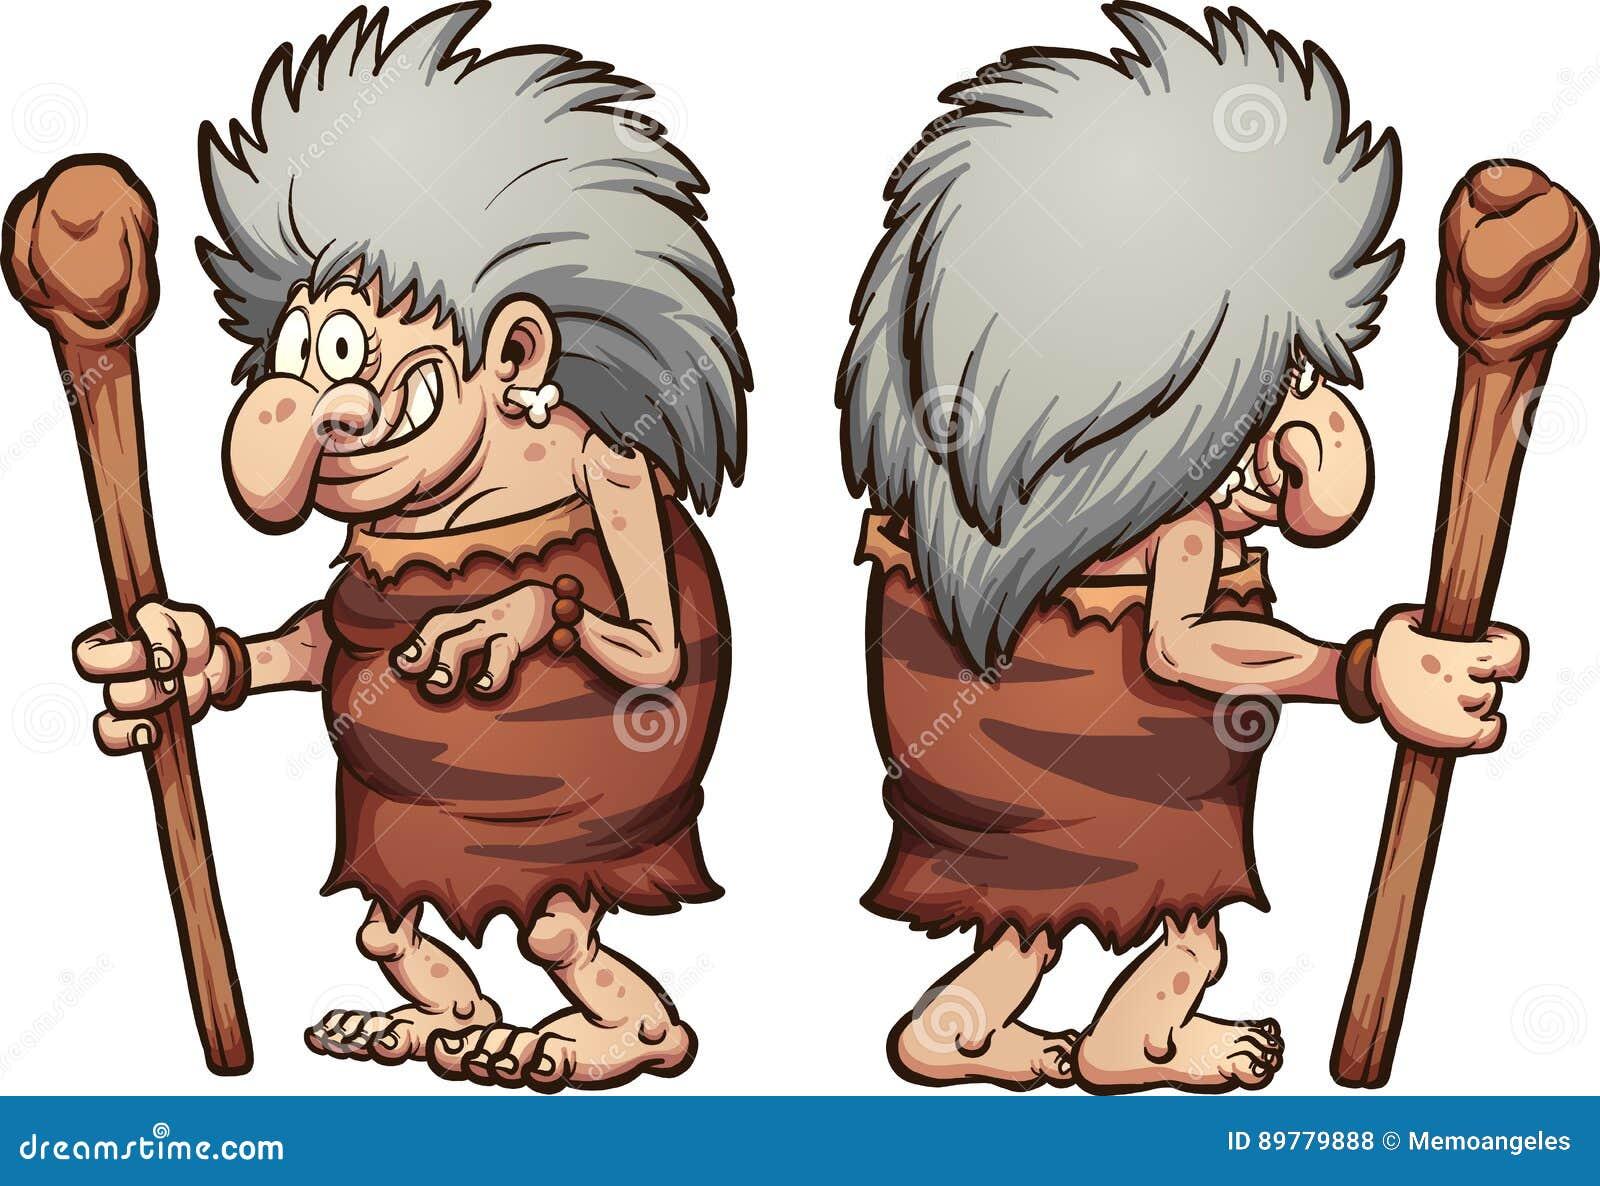 Grand-maman préhistorique